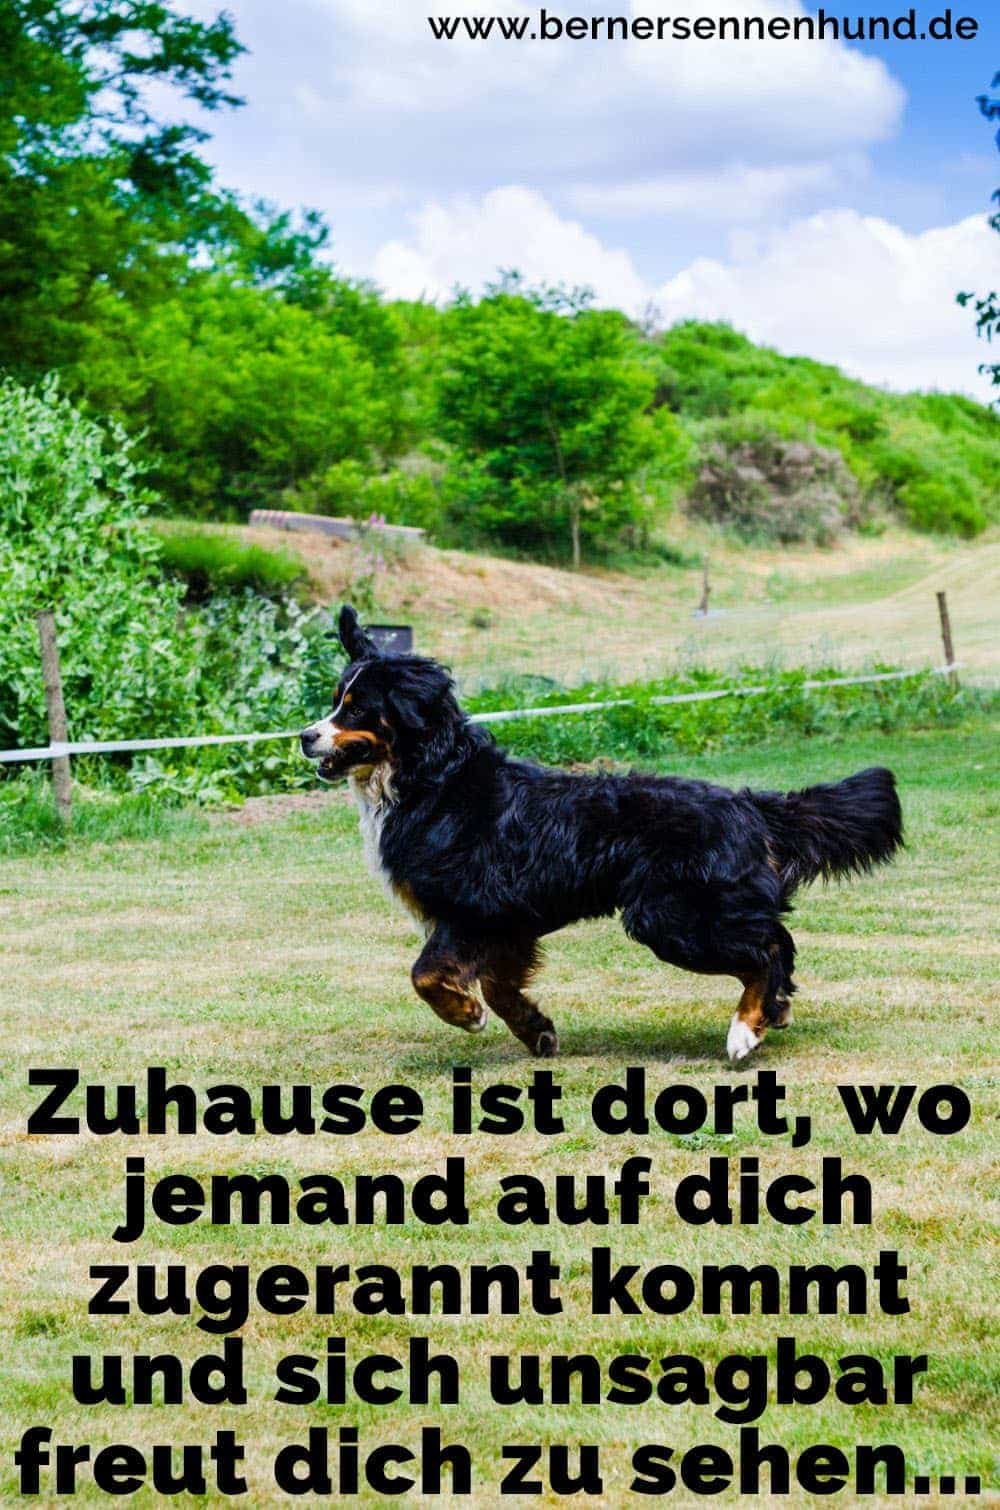 Ein Berner Sennenhund auf dem Rasen